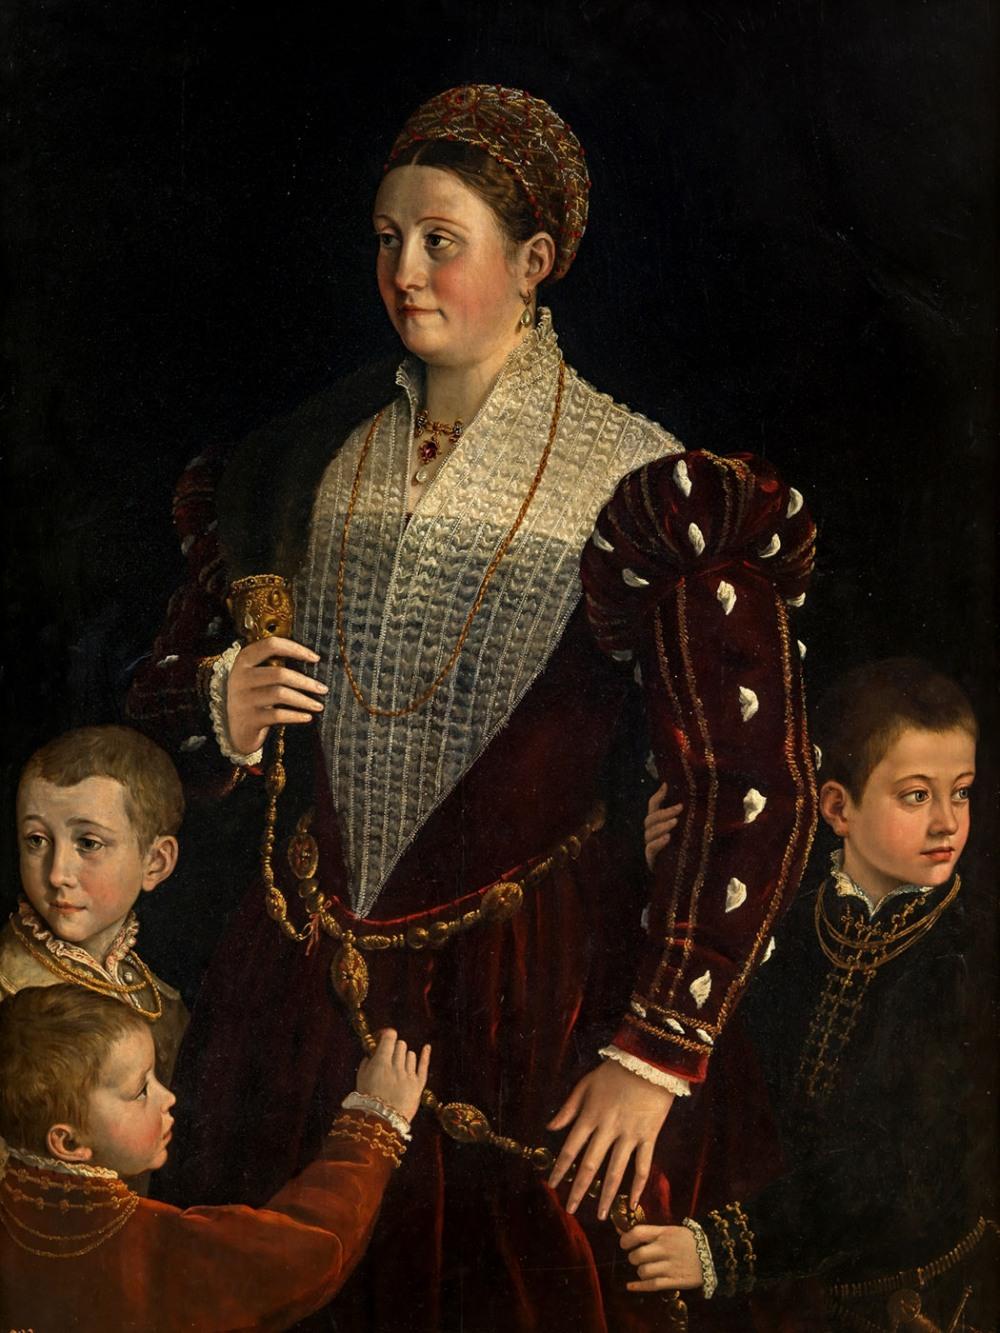 Parmigianino y taller. Camilla Gonzaga, condesa de San Segundo, y sus hijos. 1535-1537. Museo Nacional del Prado. Madrid.